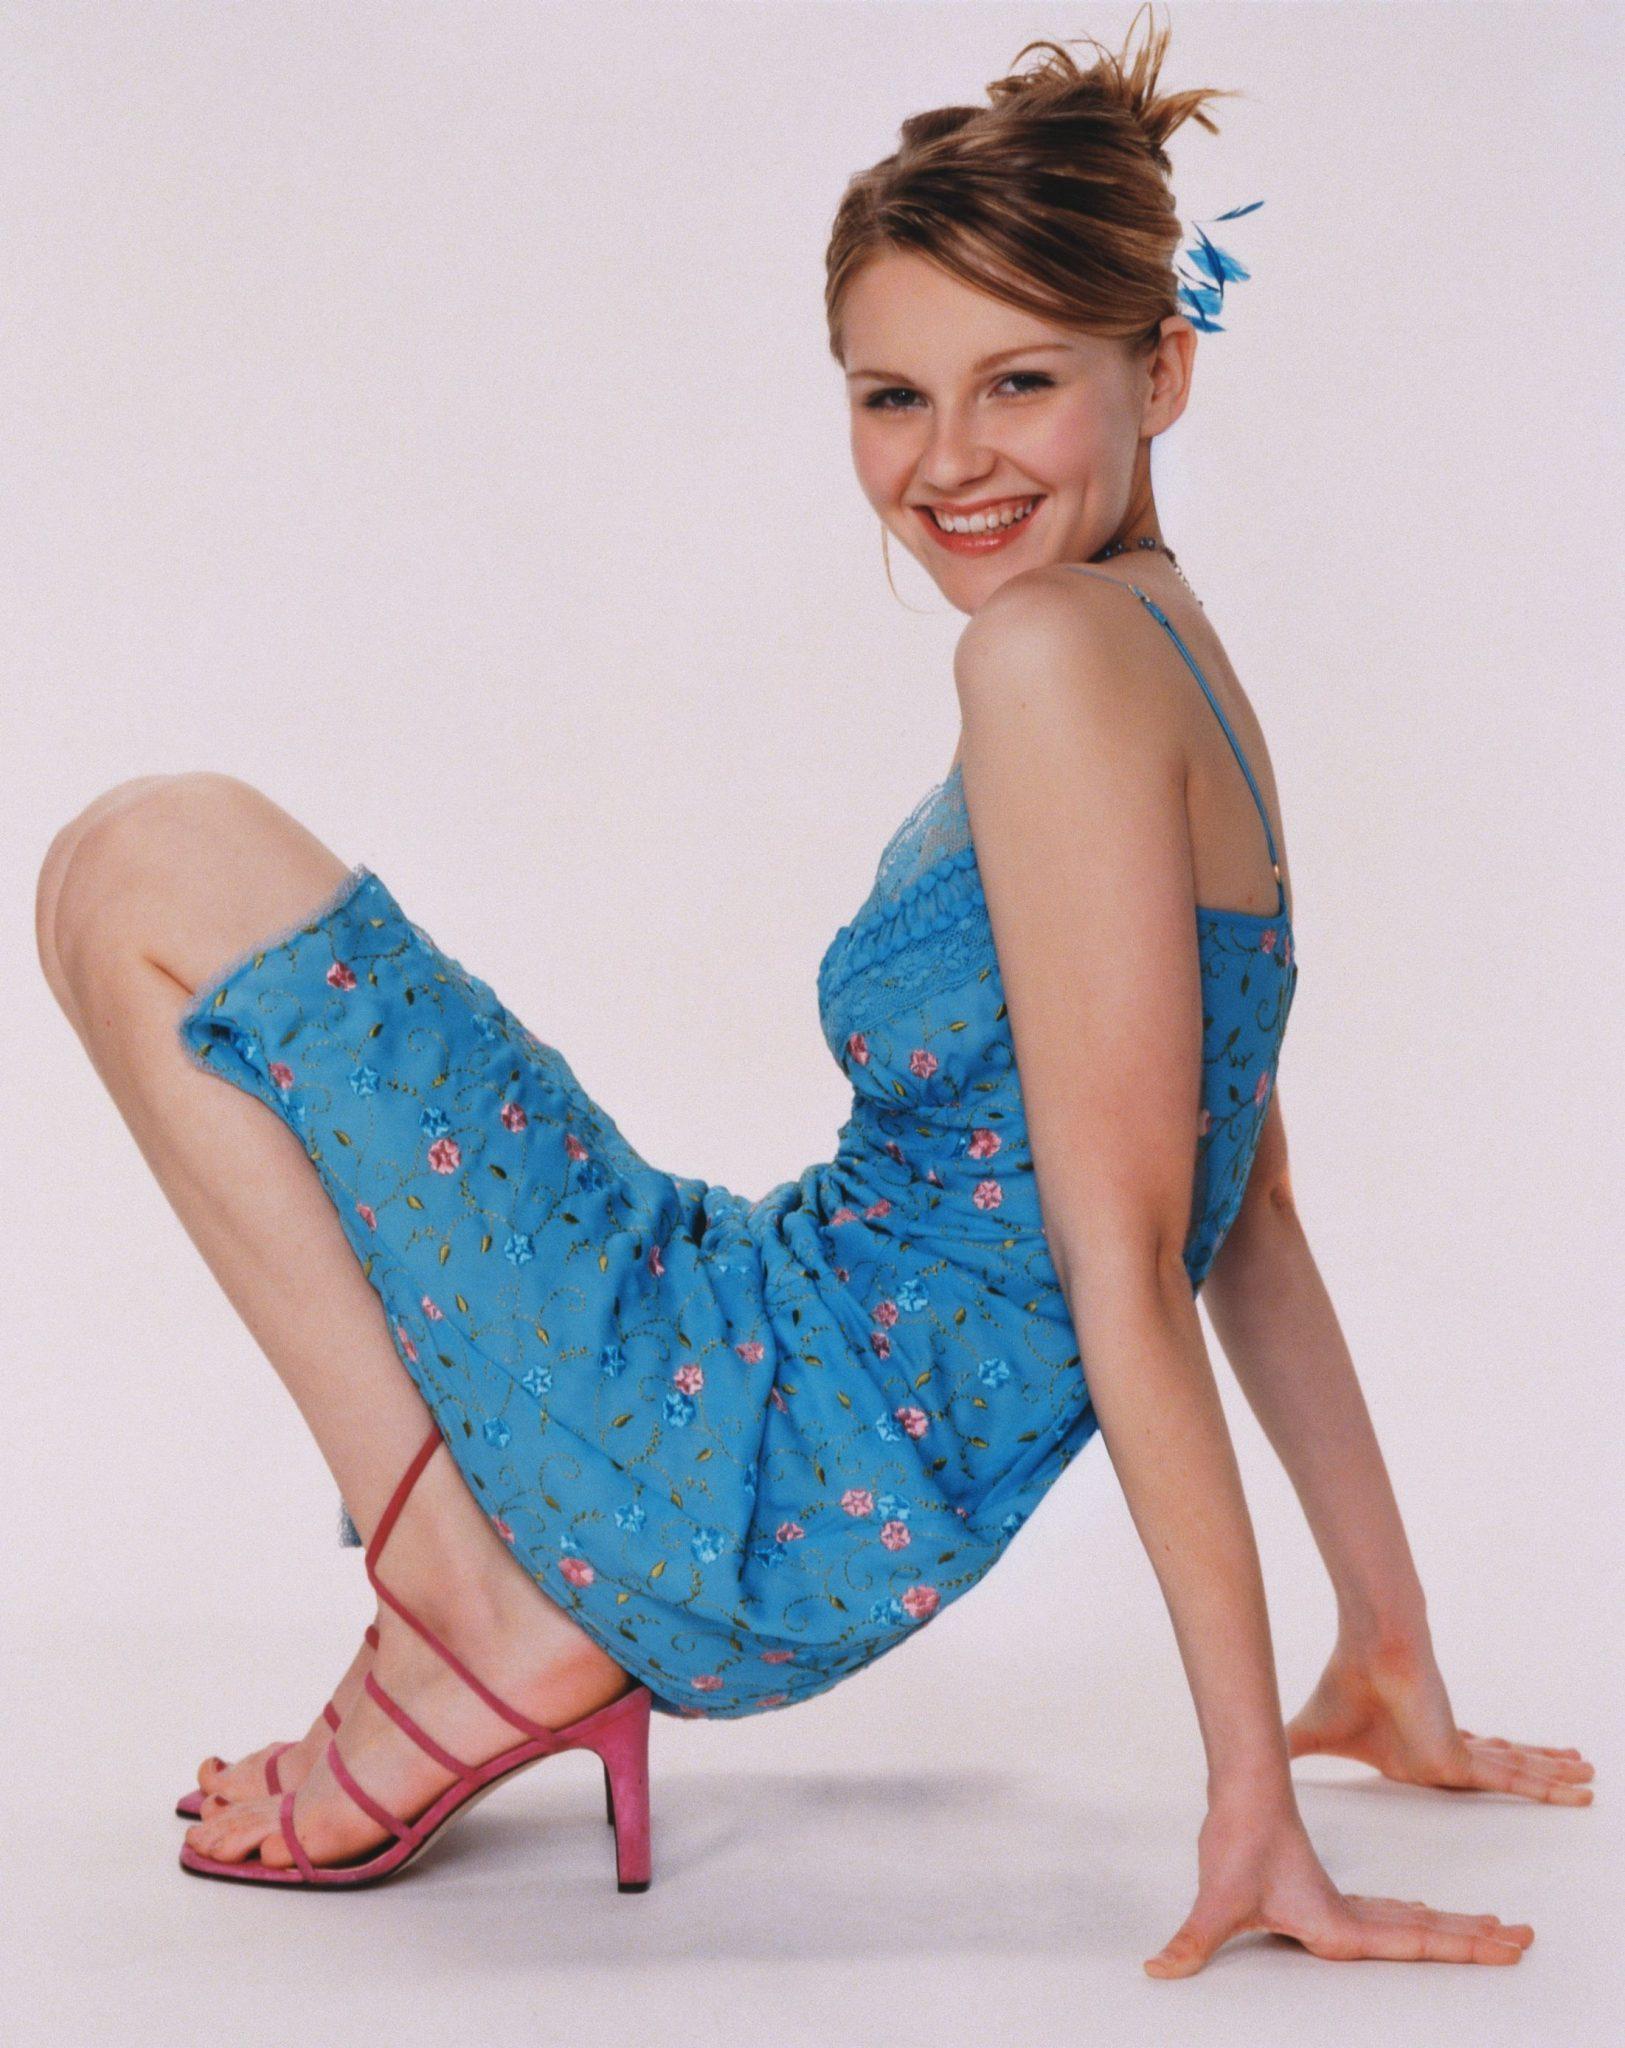 Kirsten-Dunst-Feet-3012716